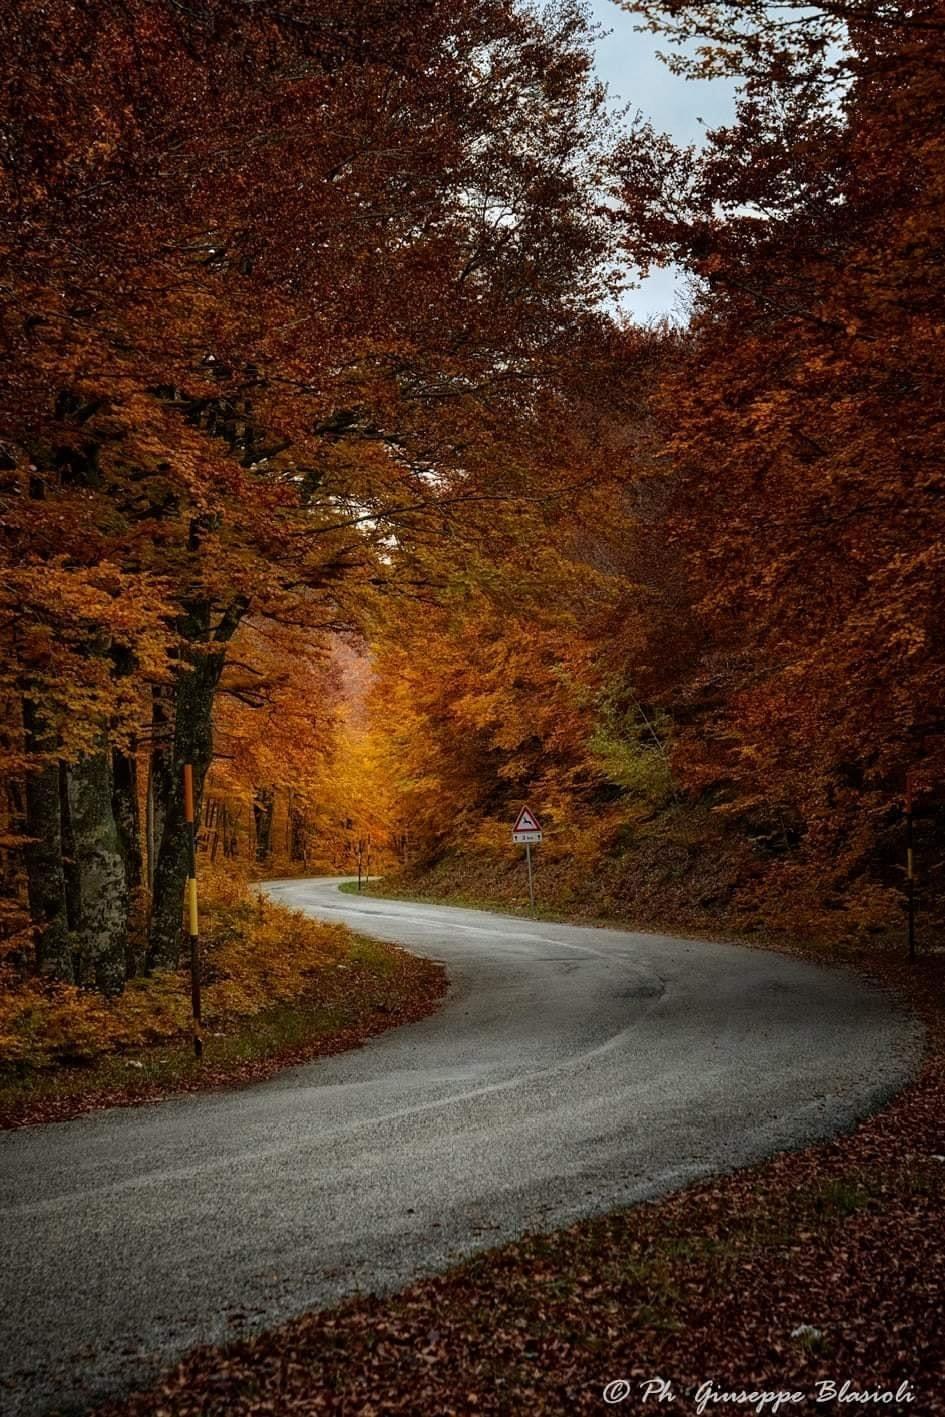 Bisegna, la bellezza dell'autunno in uno scatto del fotografo Giuseppe Blasioli